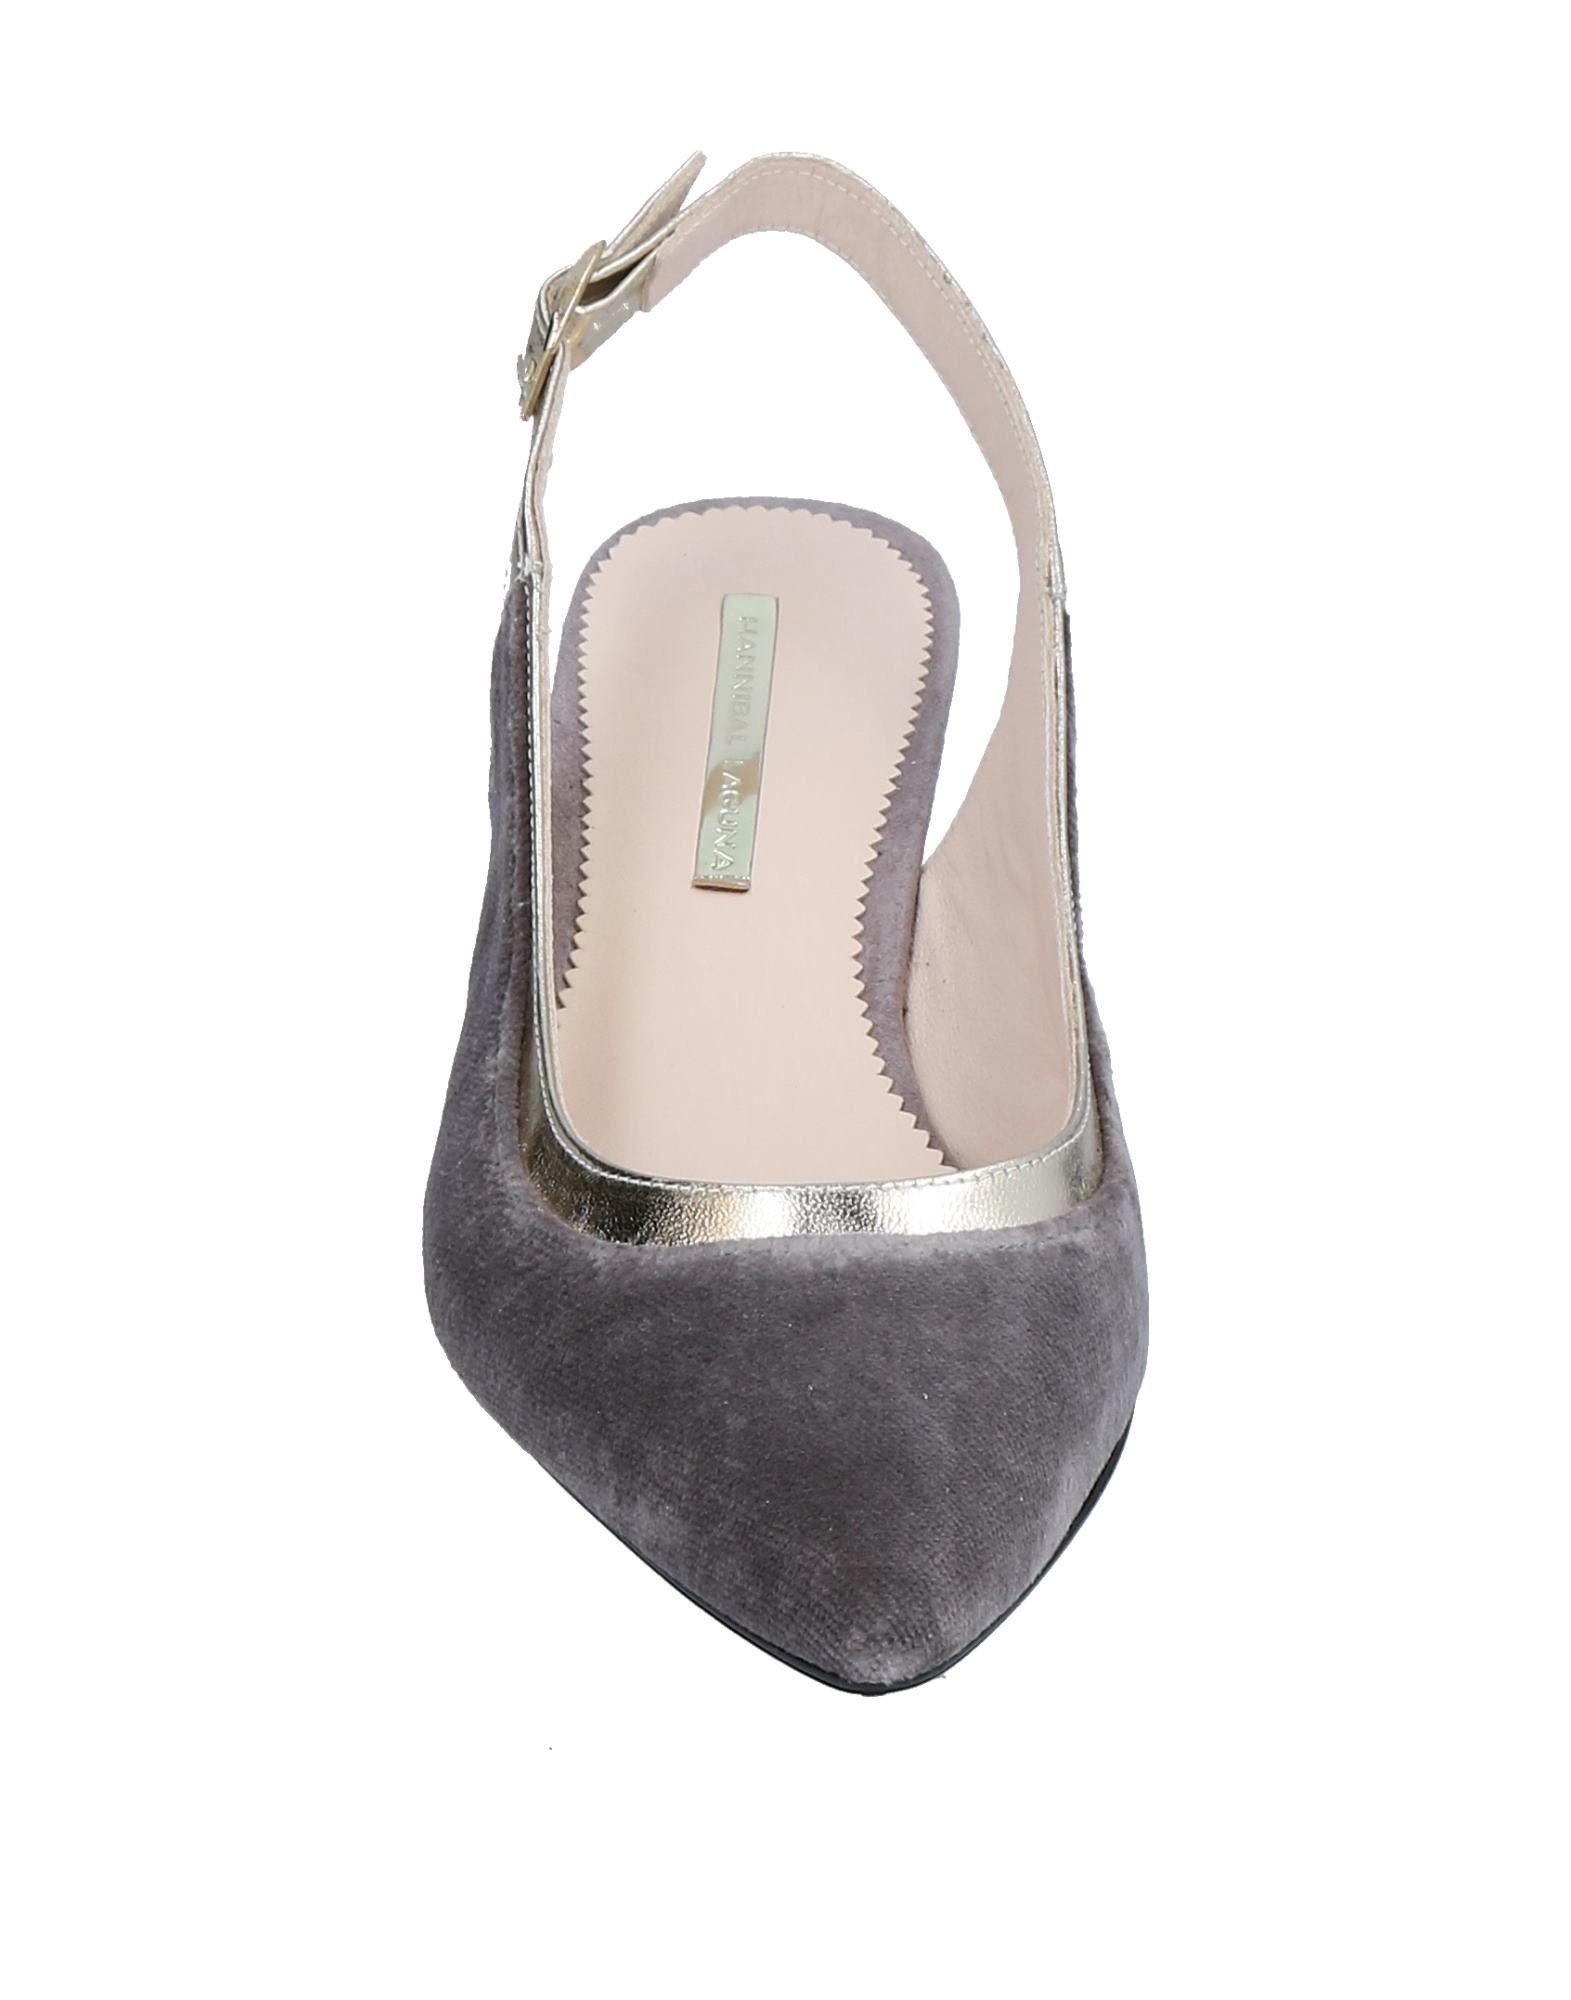 Hannibal Laguna Qualität Pumps Damen  11542080RM Gute Qualität Laguna beliebte Schuhe 167475